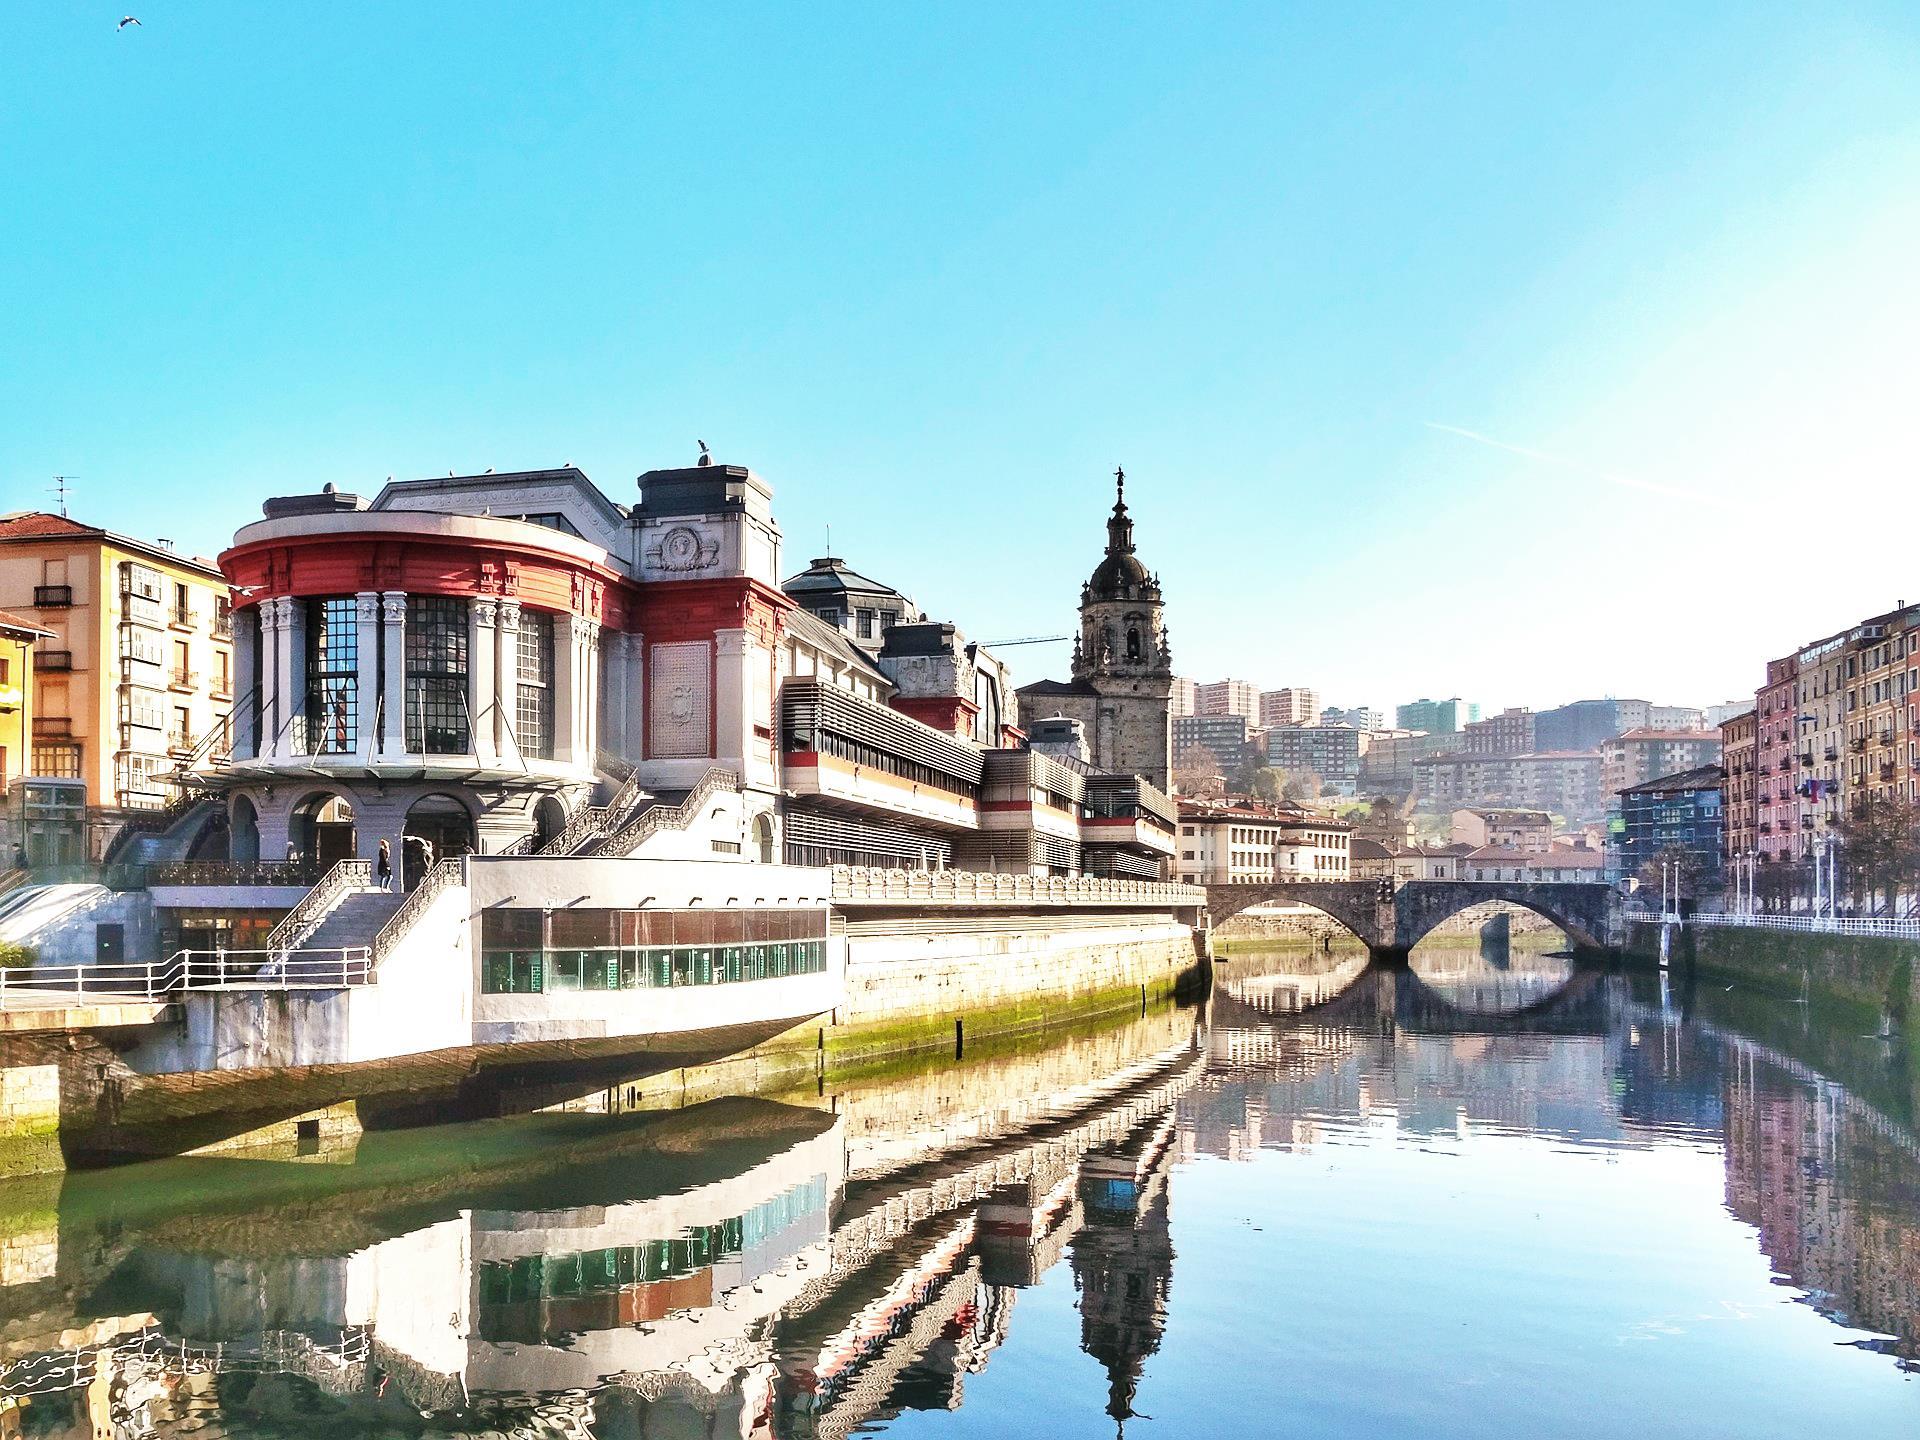 Free-Tour-Bilbao-Old-Town-3